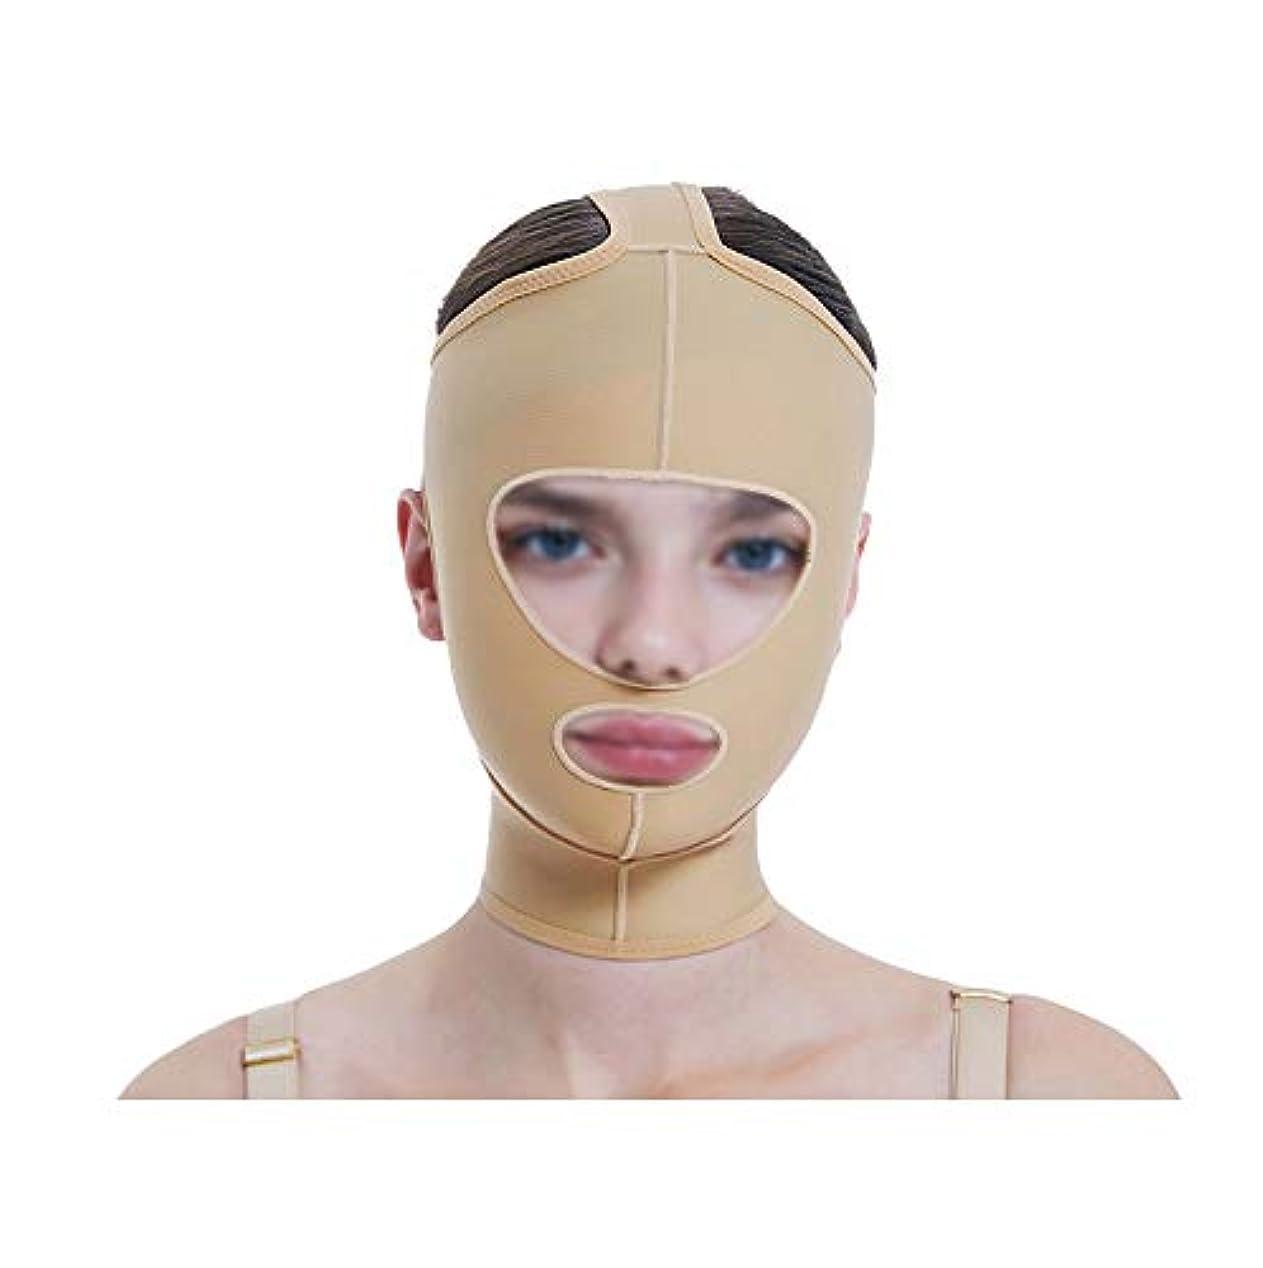 通知かすかな昇るTLMY 顔と首のリフト痩身マスクの顔の彫刻の顔の弾性スーツ薄い二重あごのアーティファクトV顔のビーム表面 顔用整形マスク (Size : S)